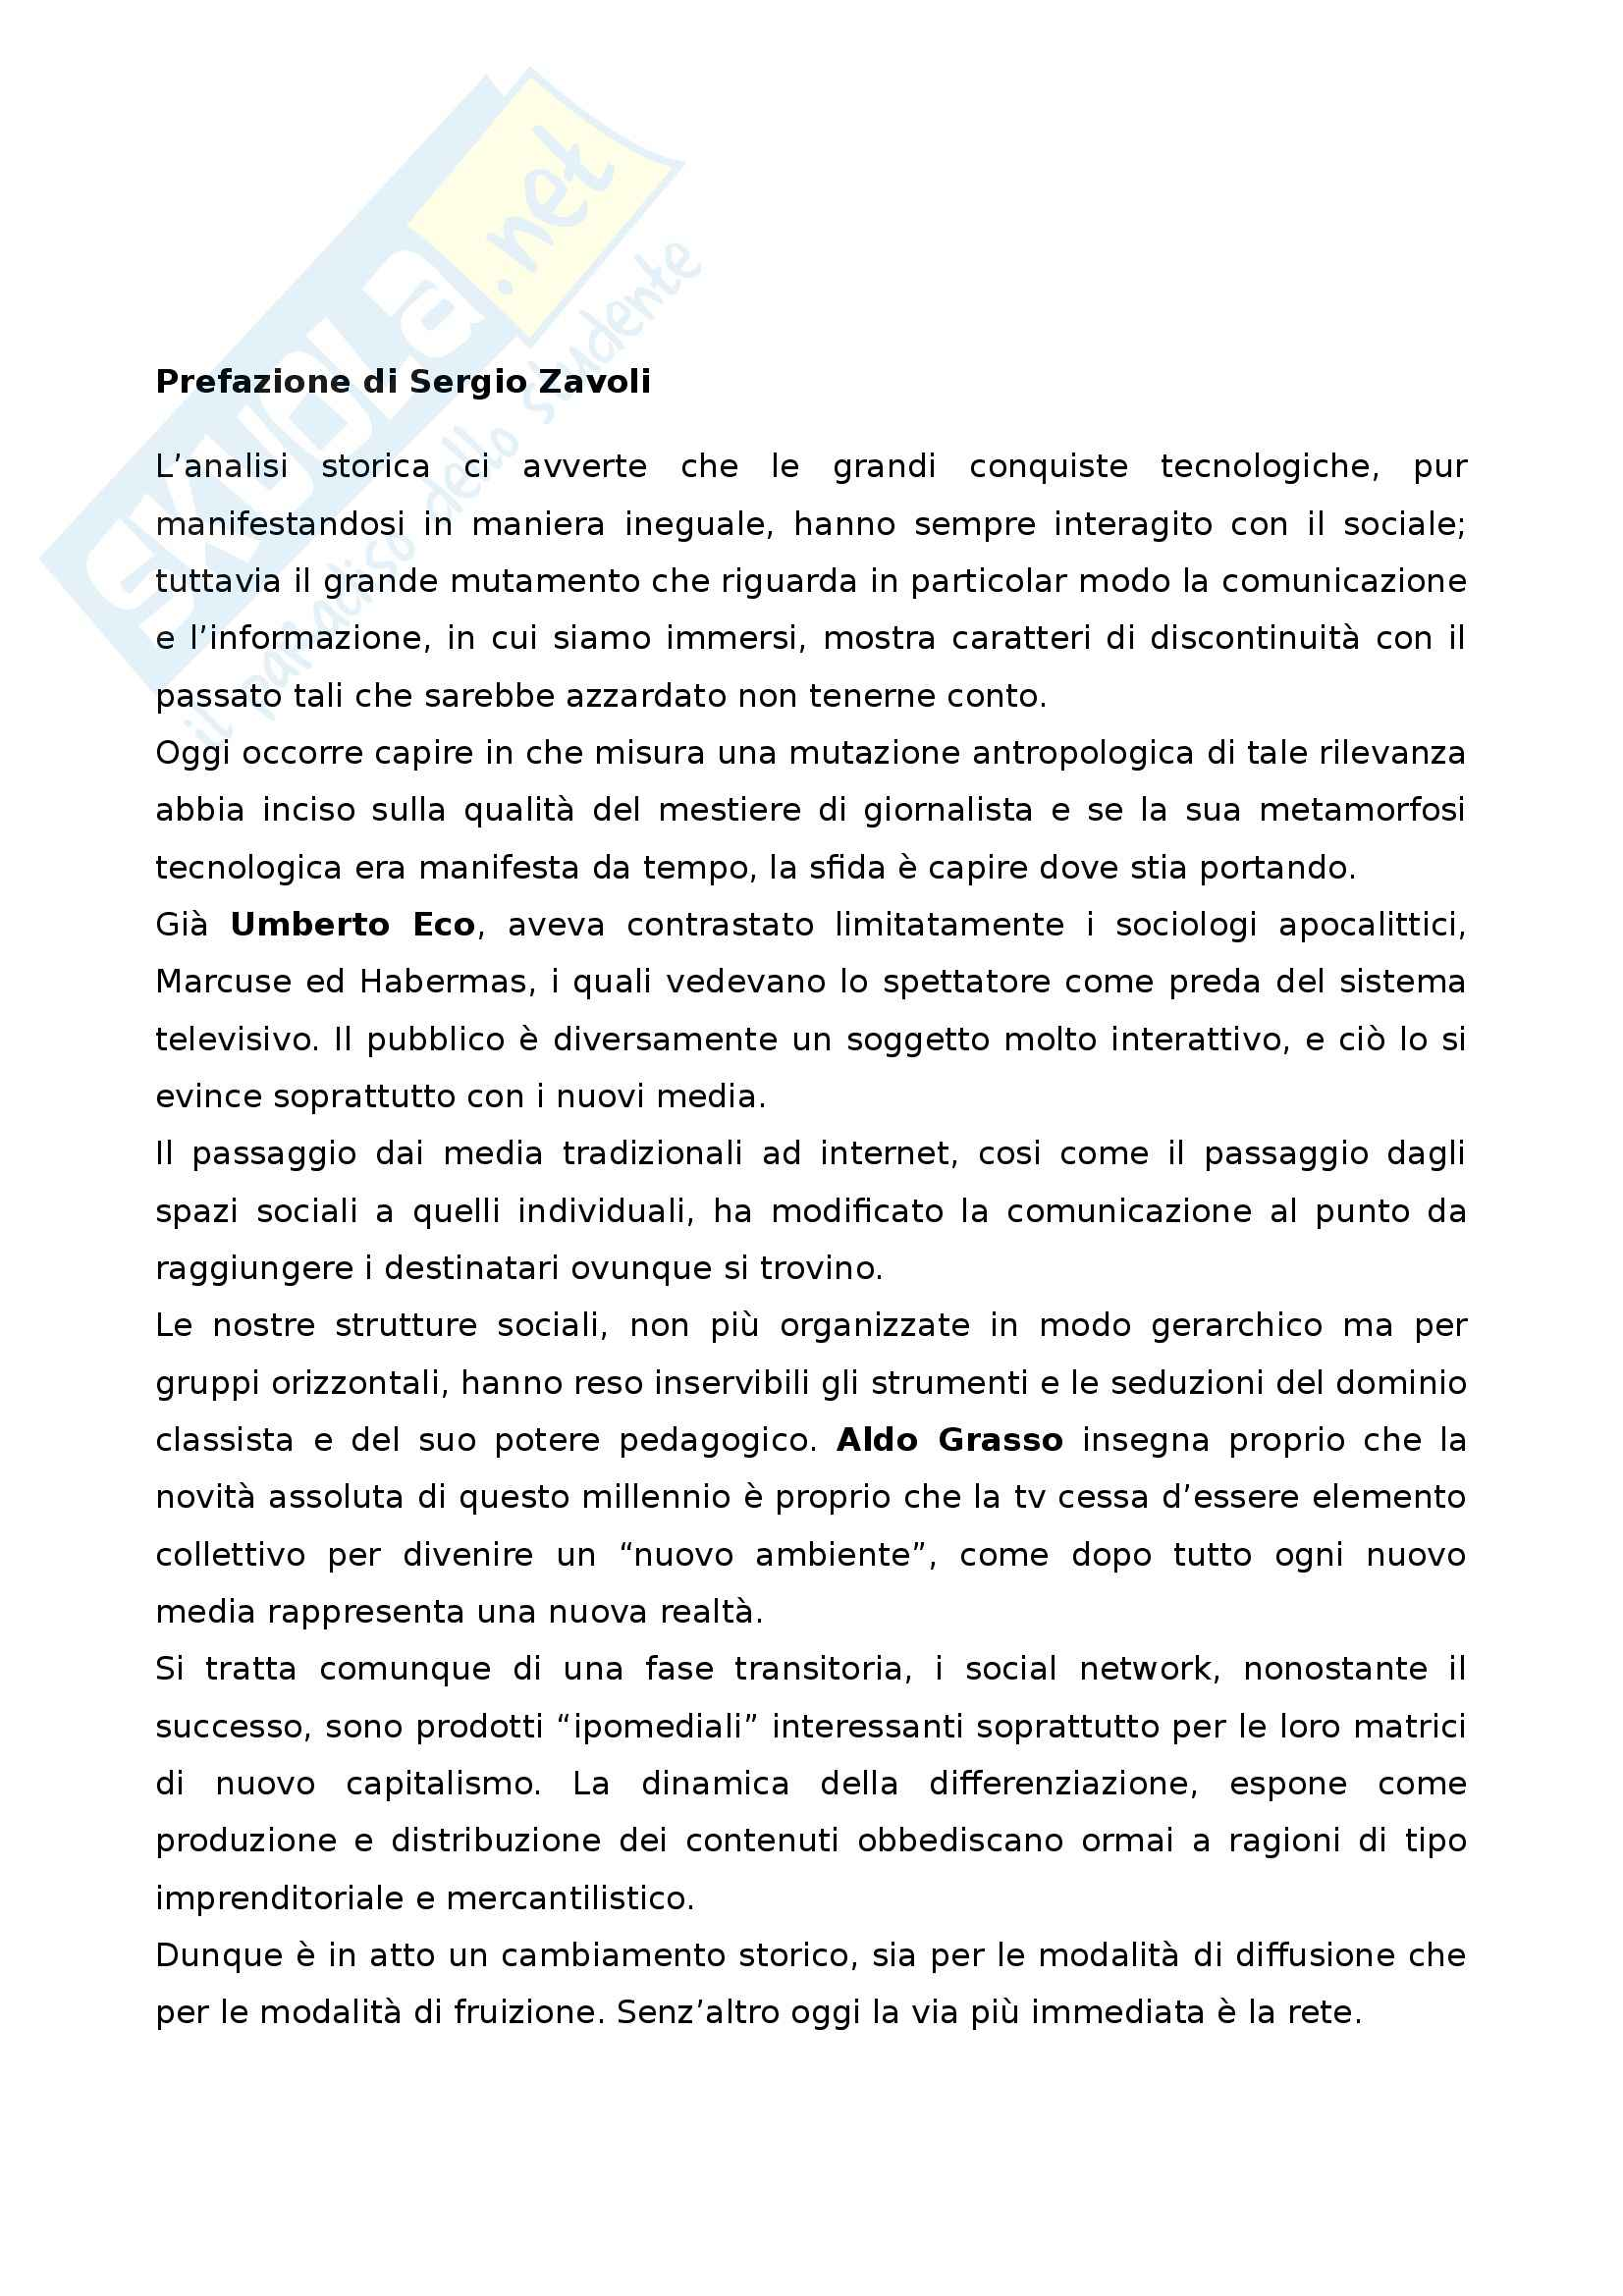 Riassunto esame Giornalismo digitale, prof. Antenore, libro consigliato Neogiornalismo, tra crisi e Rete, Morcellini